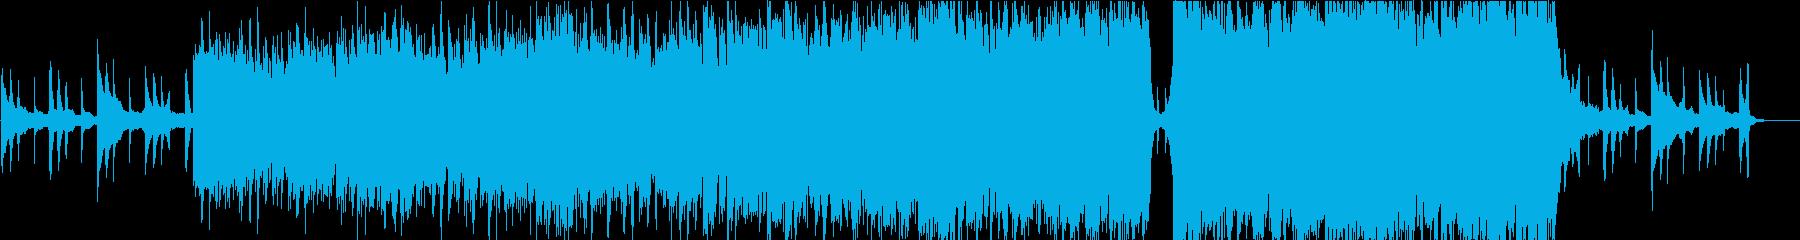 ピアノとストリングスが印象的、映像向けの再生済みの波形